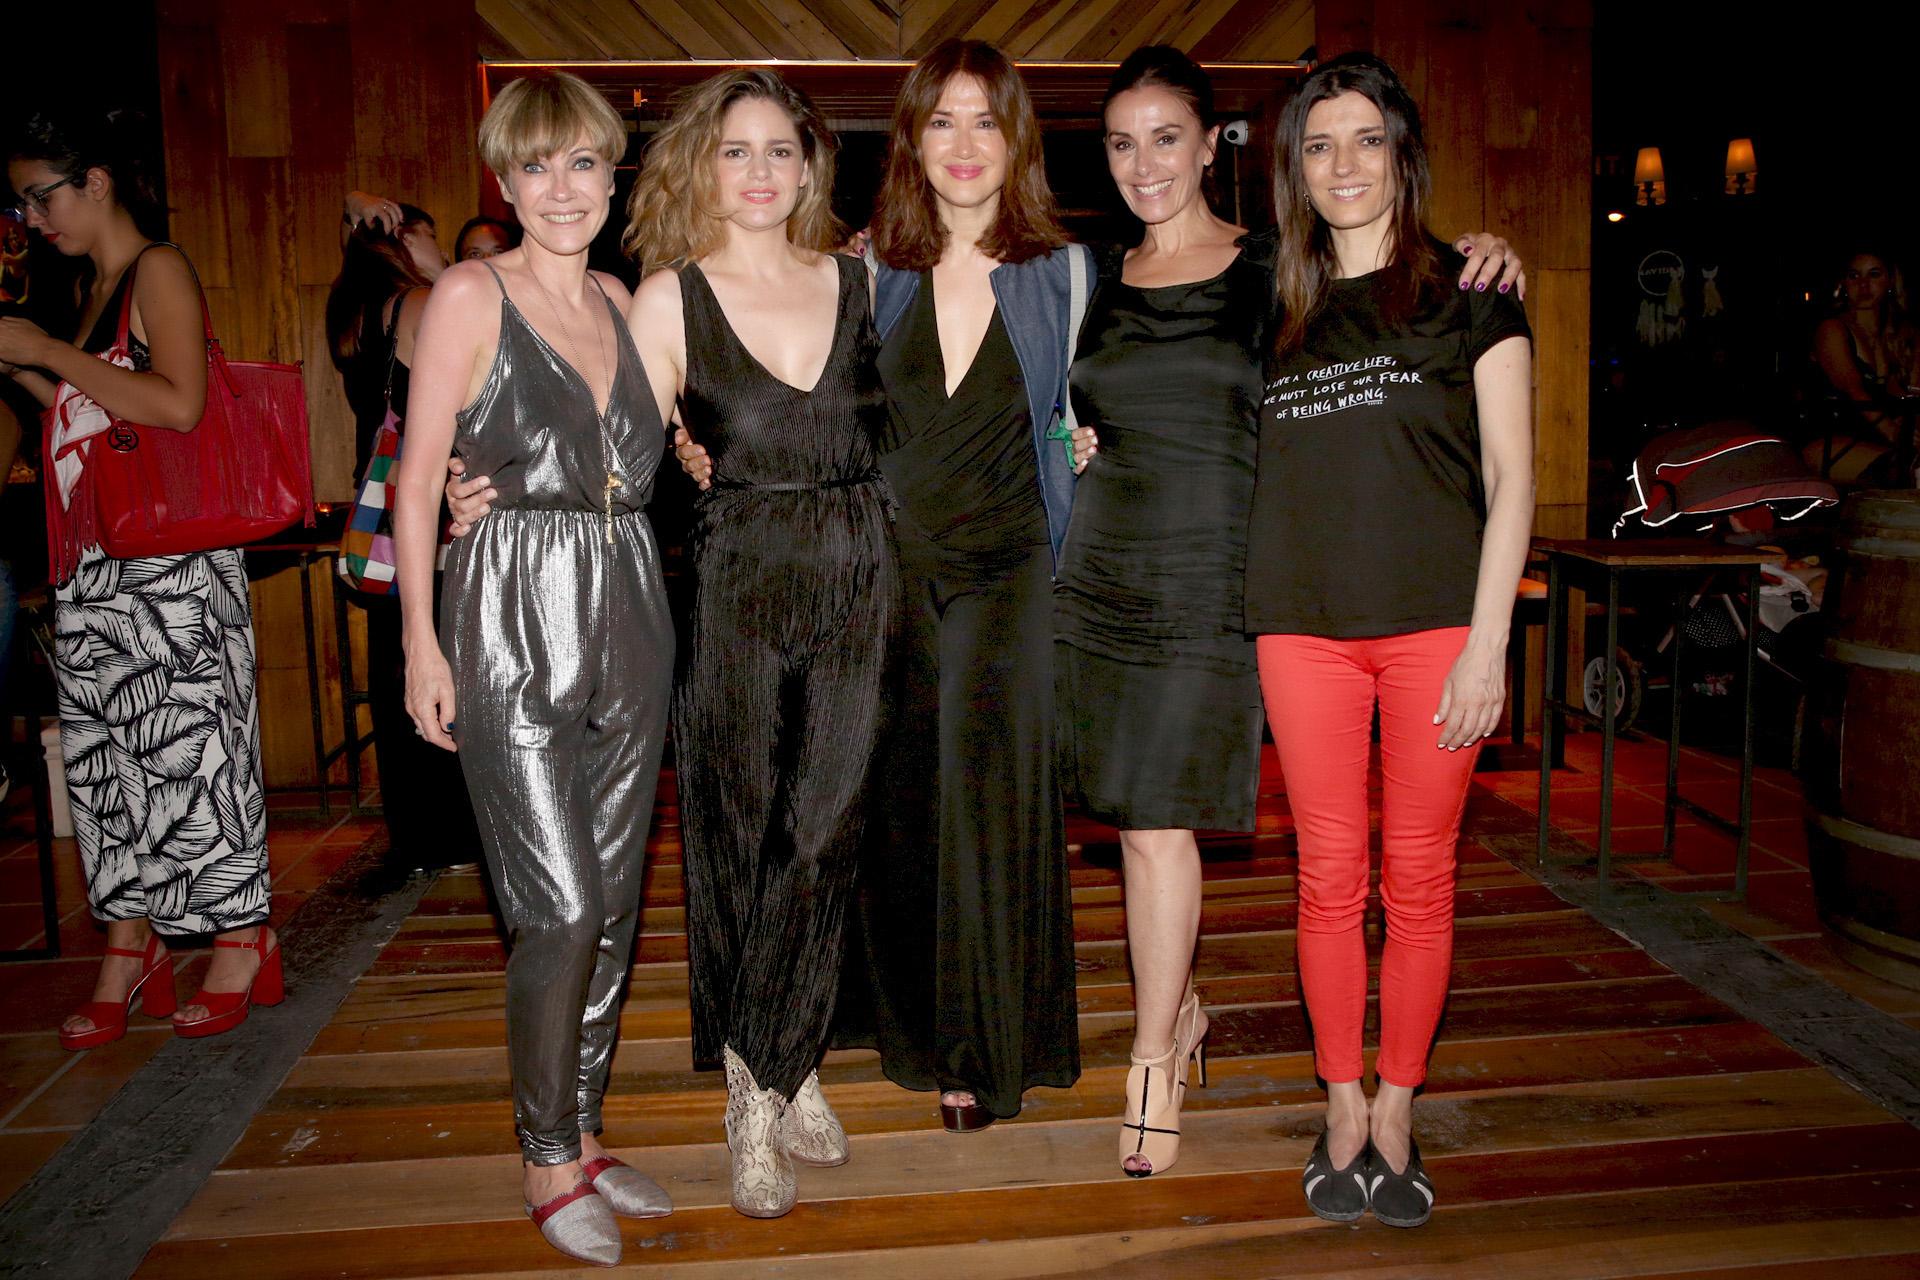 Inés Estévez, Romina Ricci, Andrea Bonelli, Viviana Saccone y María Socas